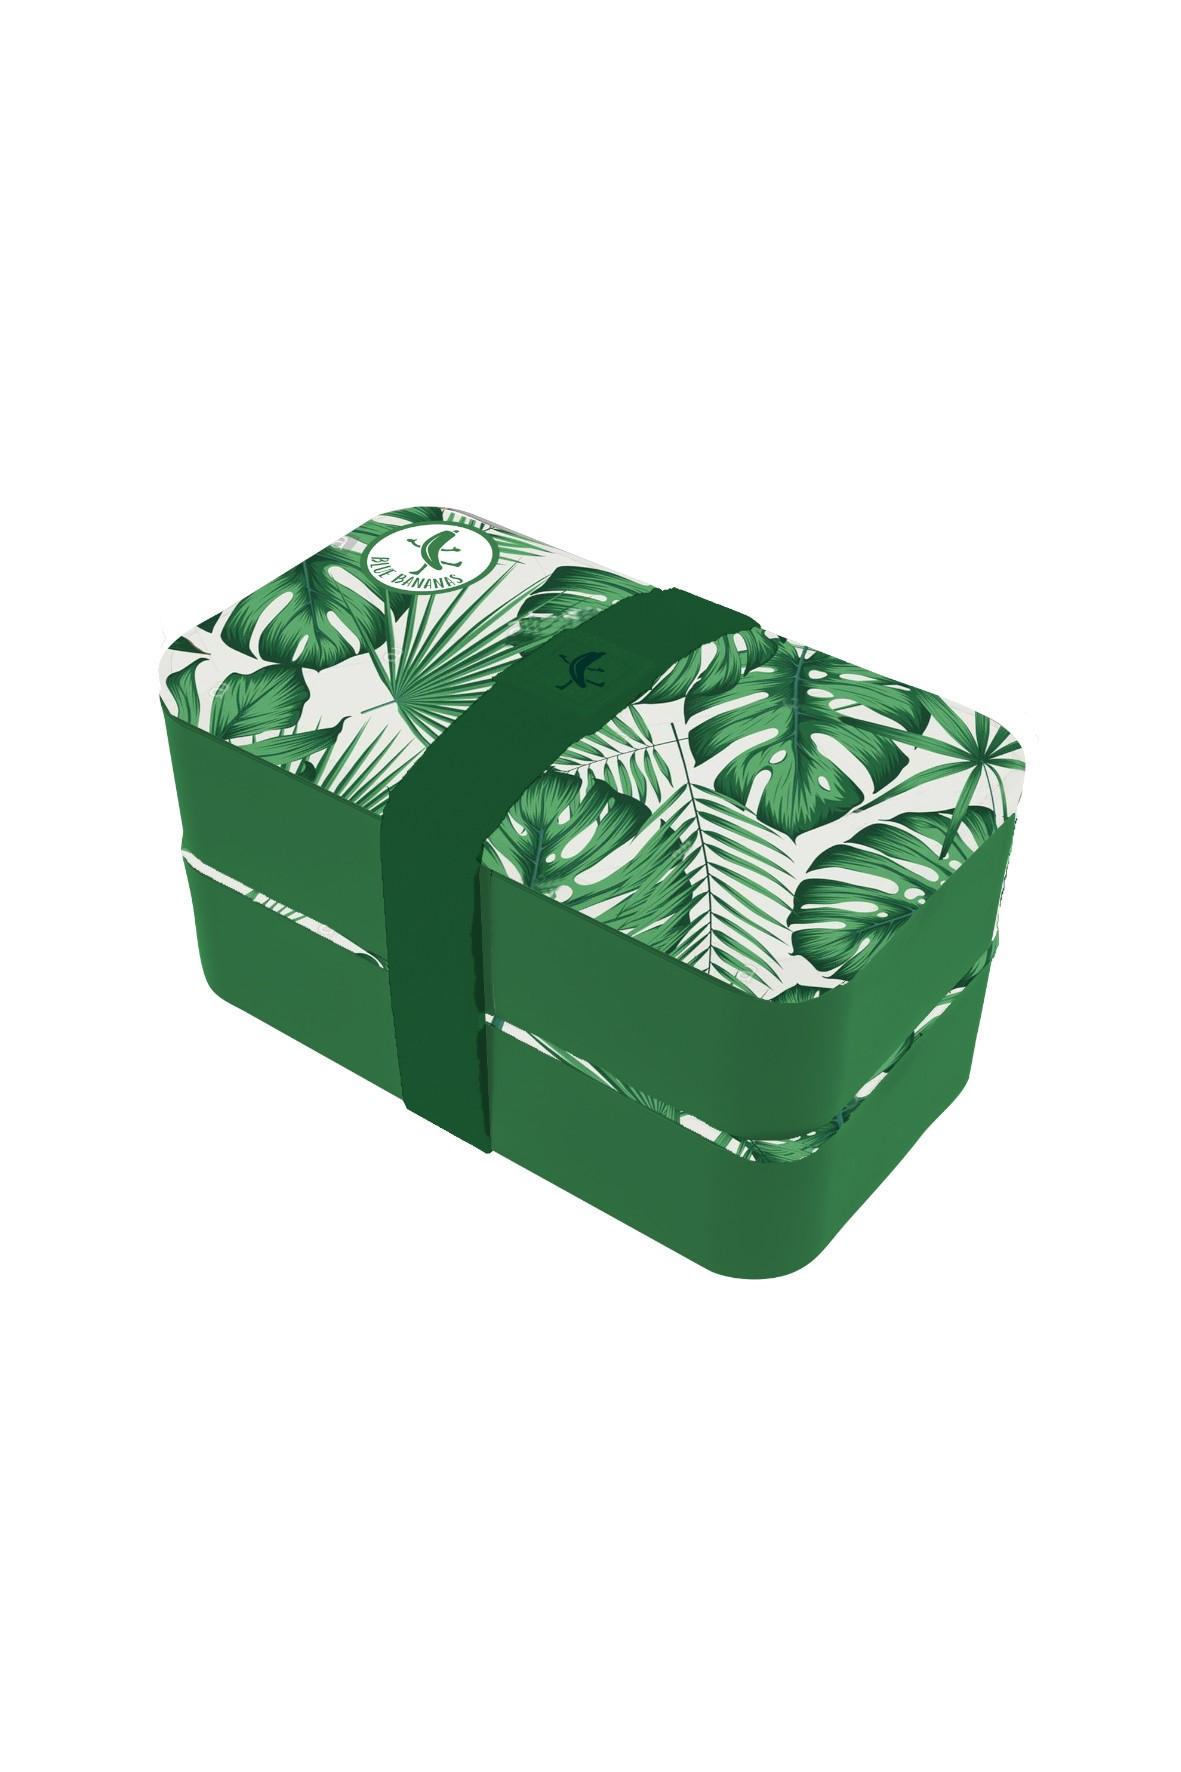 Pudełko śniadaniowe z przegródkam Monstera 11,5x18,5x10cm